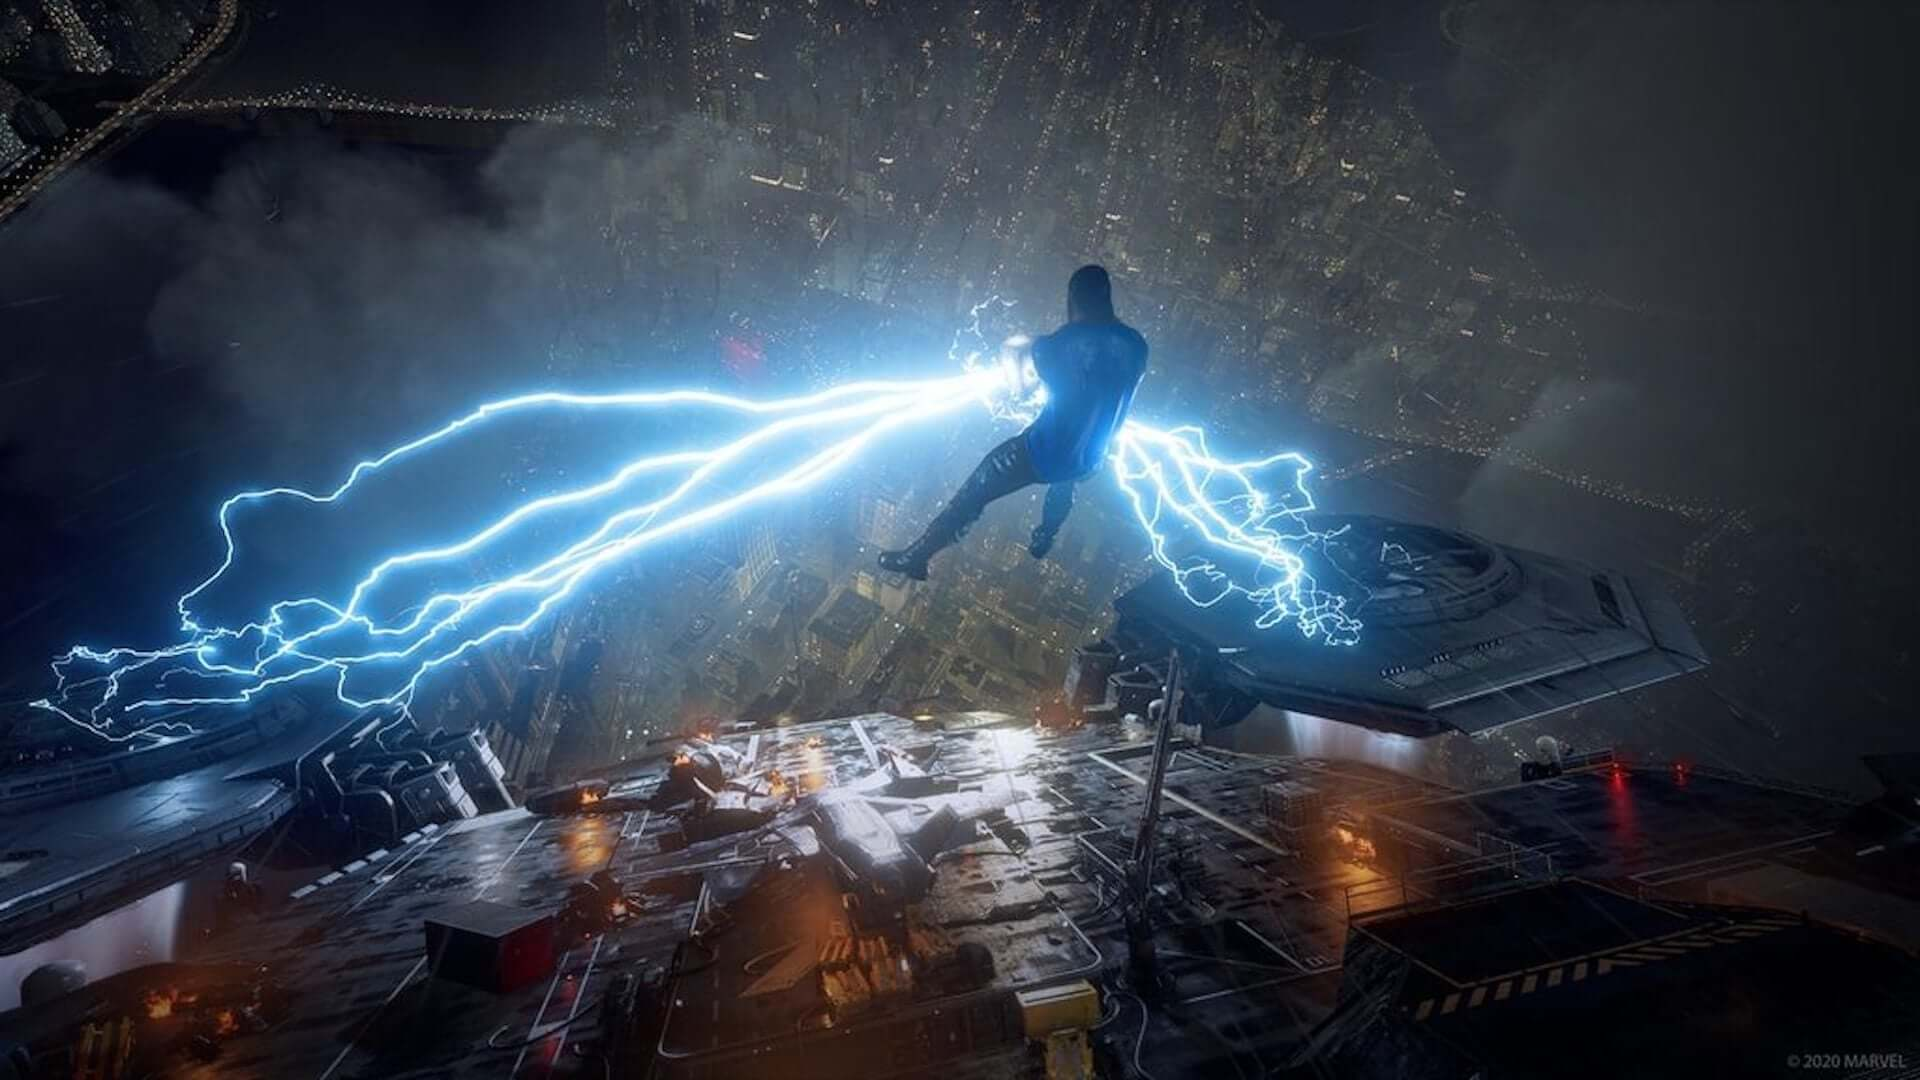 スクウェア・エニックス『Marvel's Avengers』のPlayStation 5/Xbox Series X版が発売決定!PS4/Xbox One版からの無料アップグレードも art200702_avengers_3-1920x1080